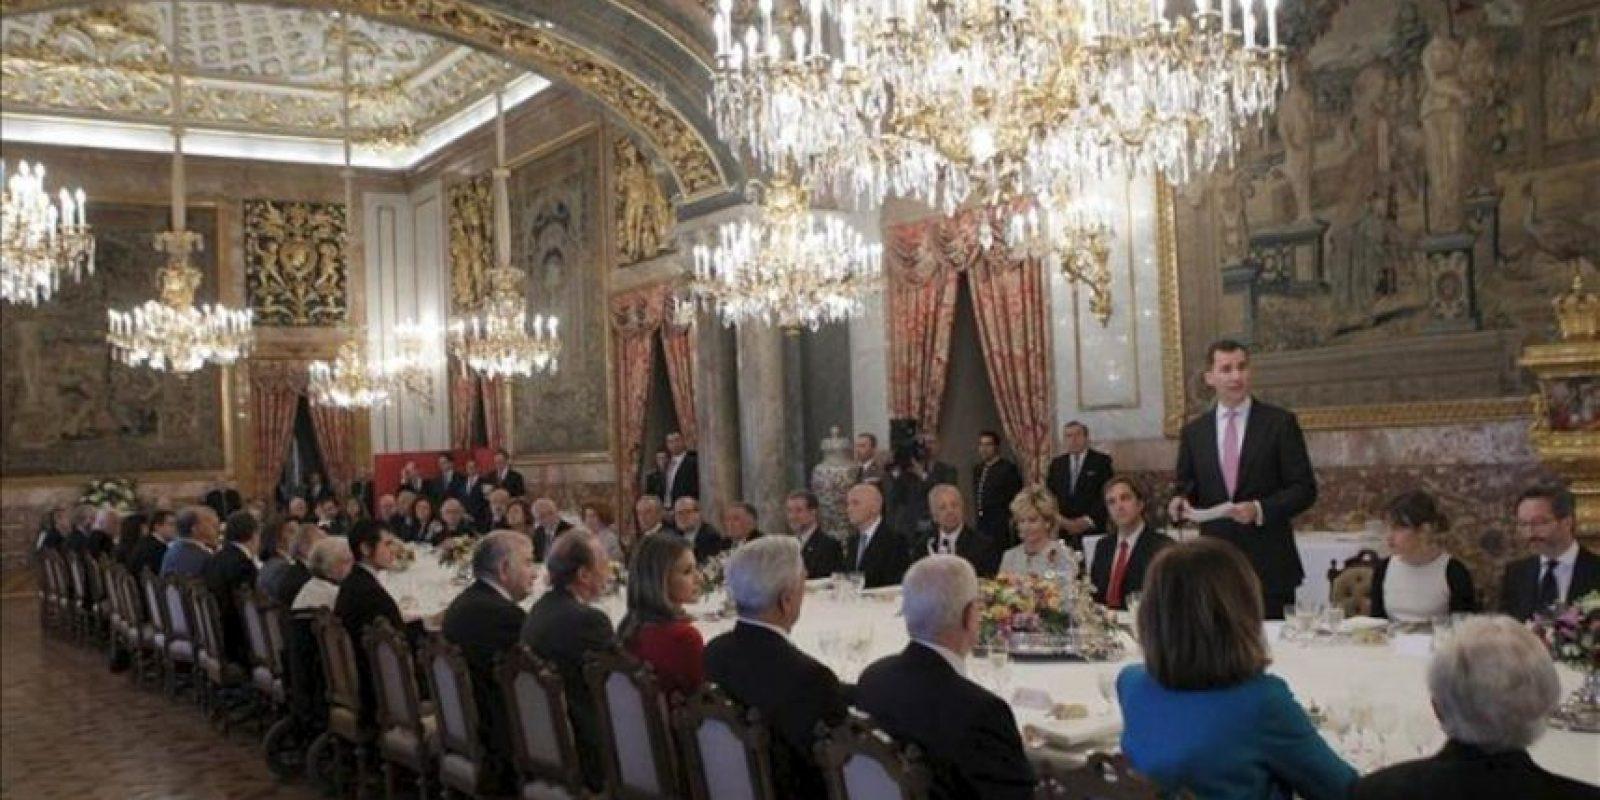 Discurso del Príncipe Felipe durante el almuerzo que ha ofrecido hoy, acompañado de su esposa, la Princesa doña Letizia, en el Palacio Real, a una representación del mundo de las letras, con ocasión de la entrega del Premio Cervantes 2011. EFE/Juanjo Martín